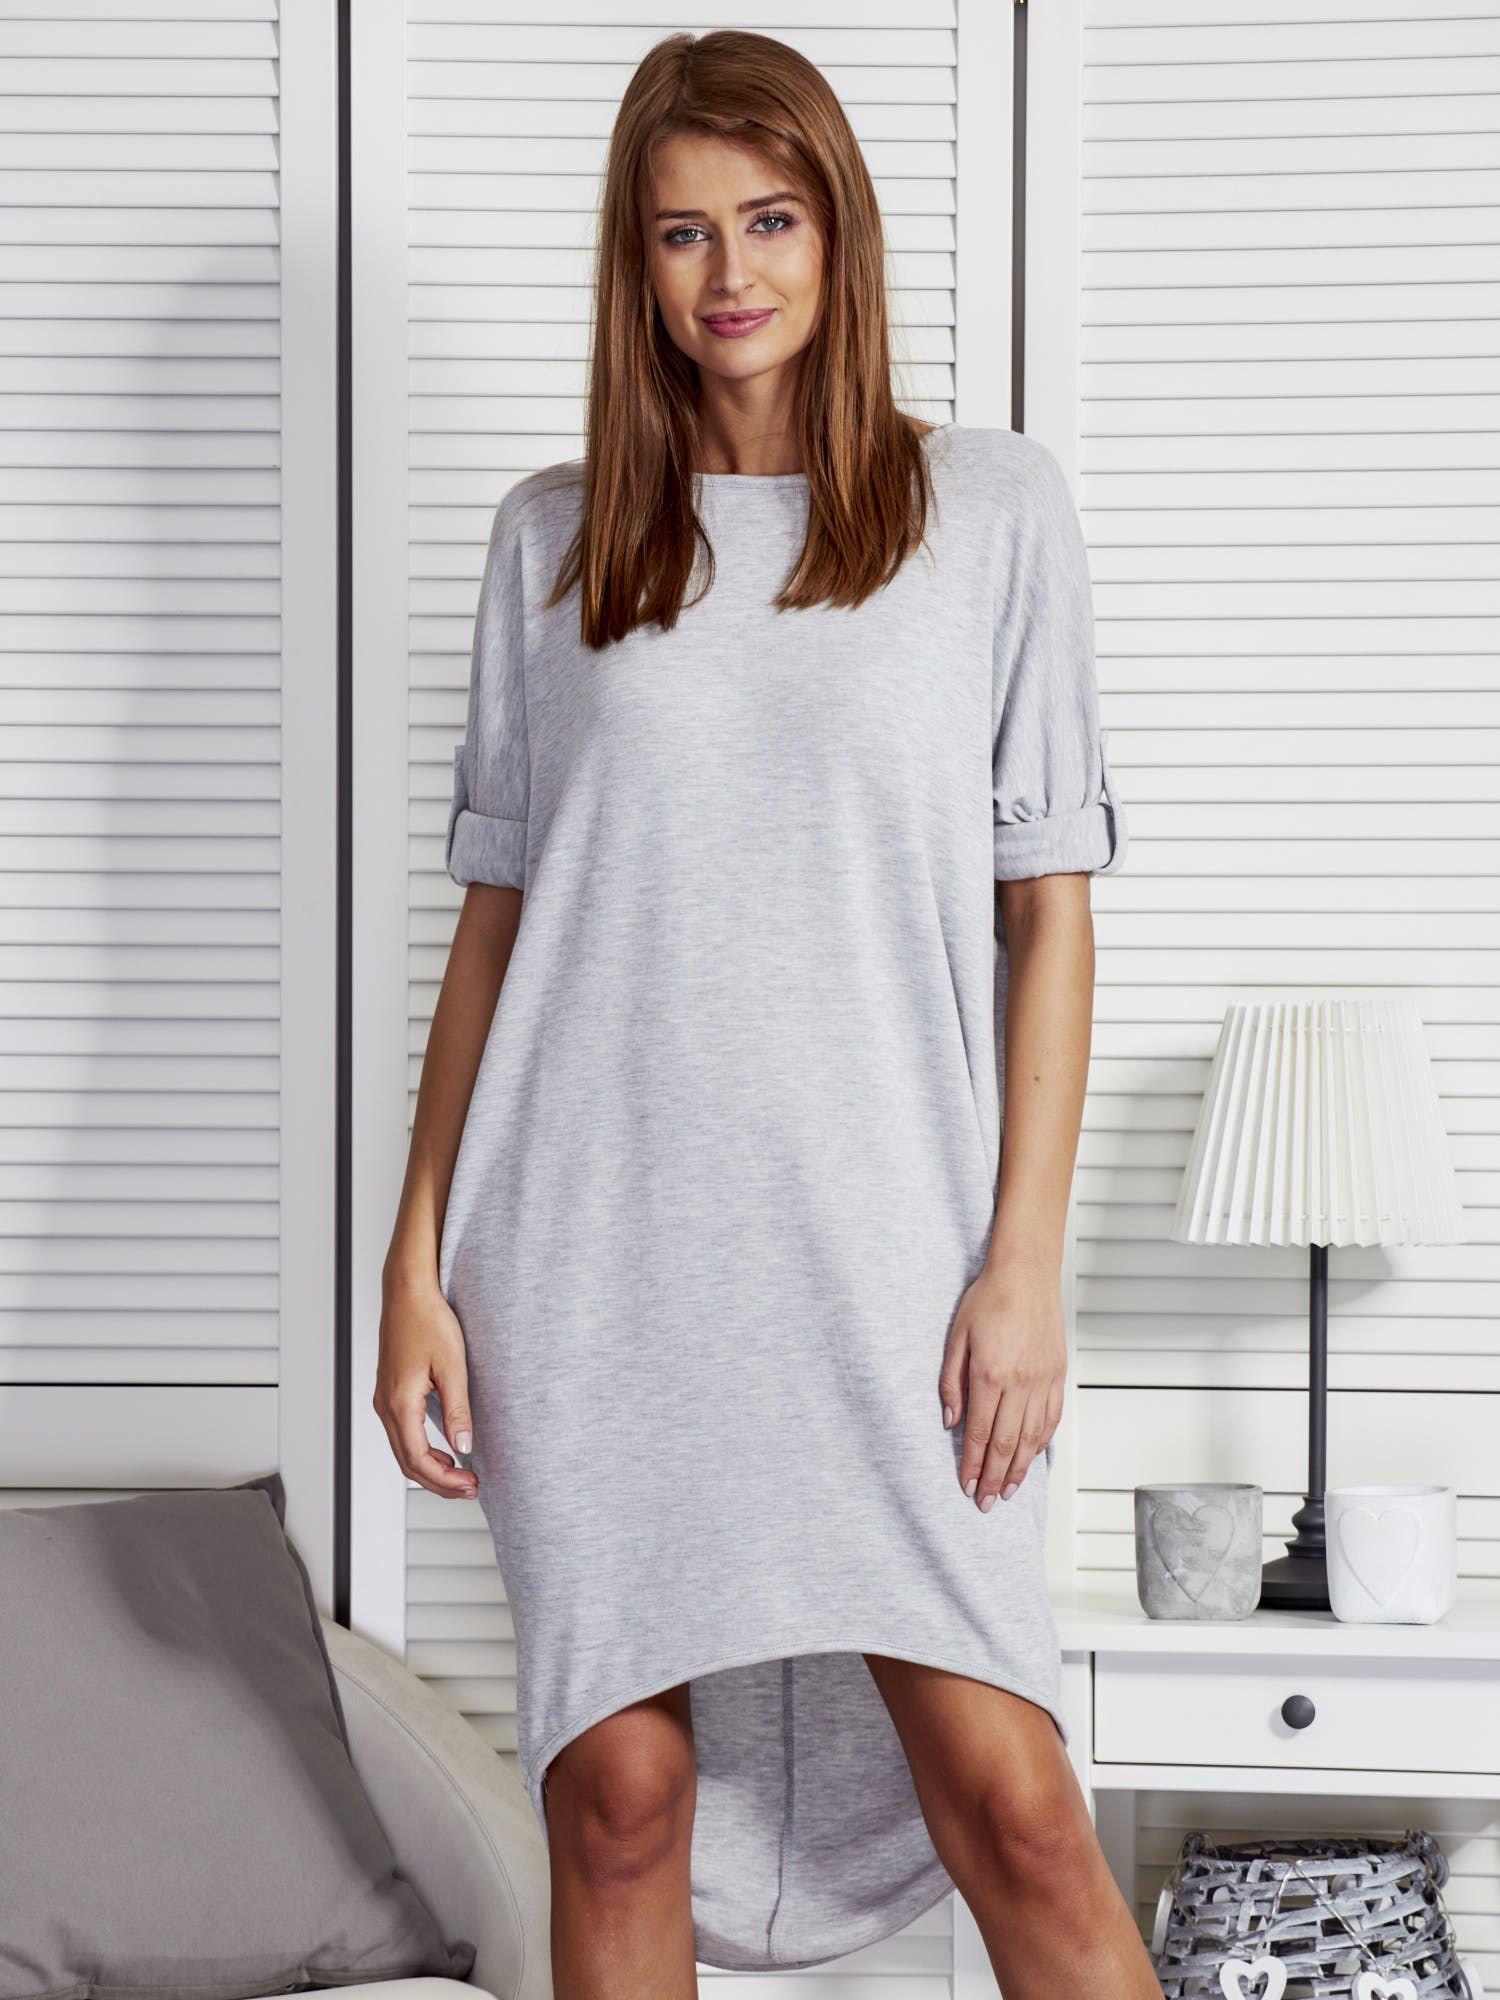 a88462e5bcc925 Szara luźna sukienka z podwijanymi rękawami - Sukienka na co dzień - sklep  eButik.pl